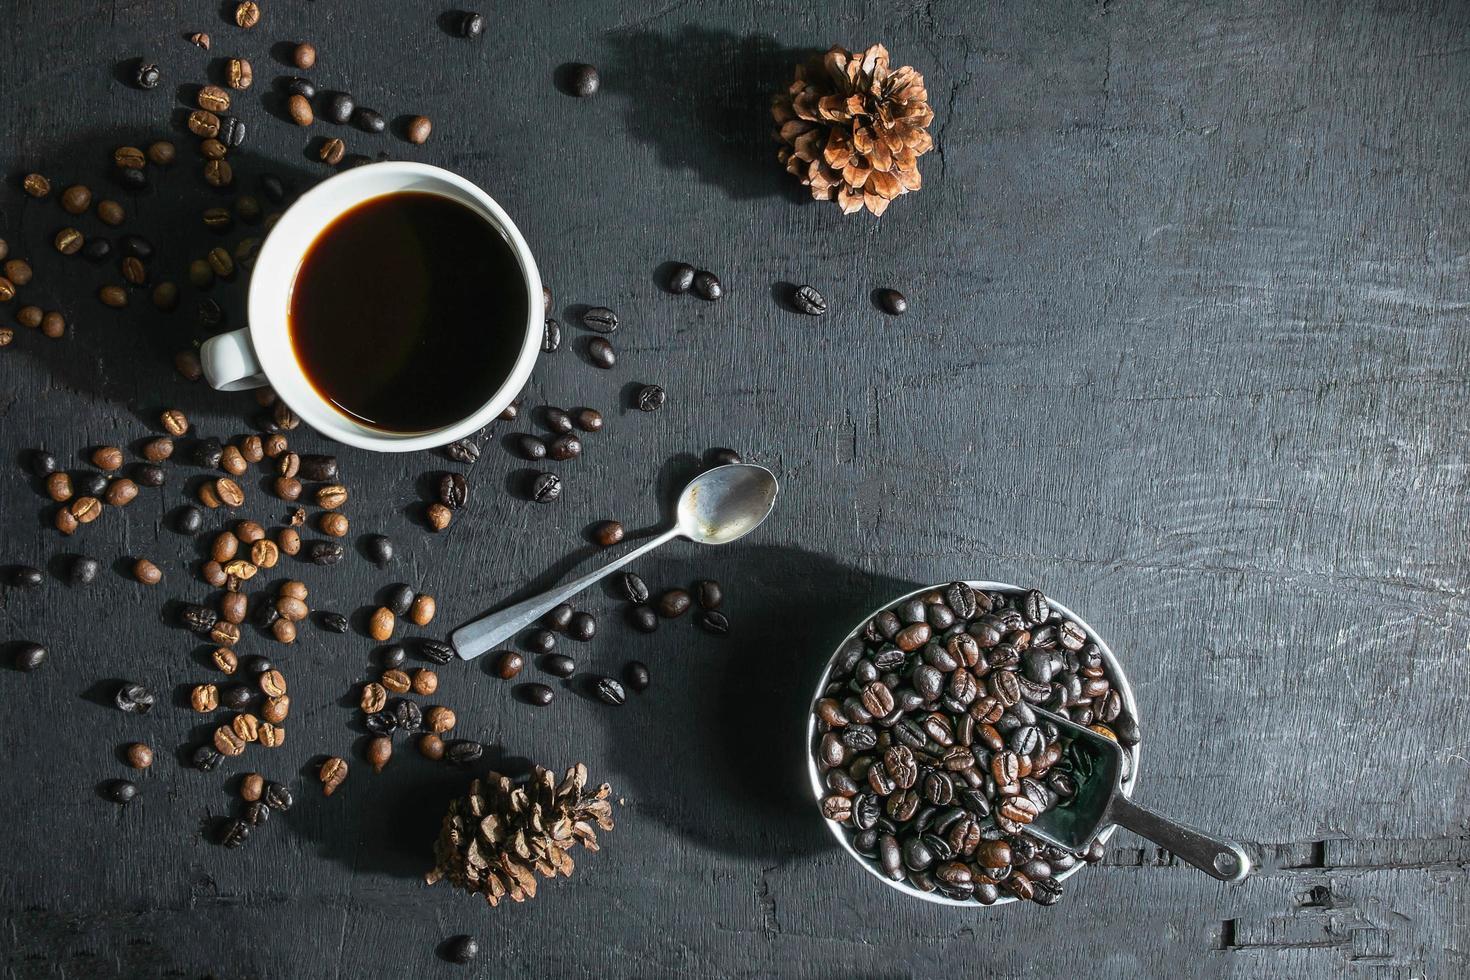 kopje koffie en koffiebonen flatlay foto